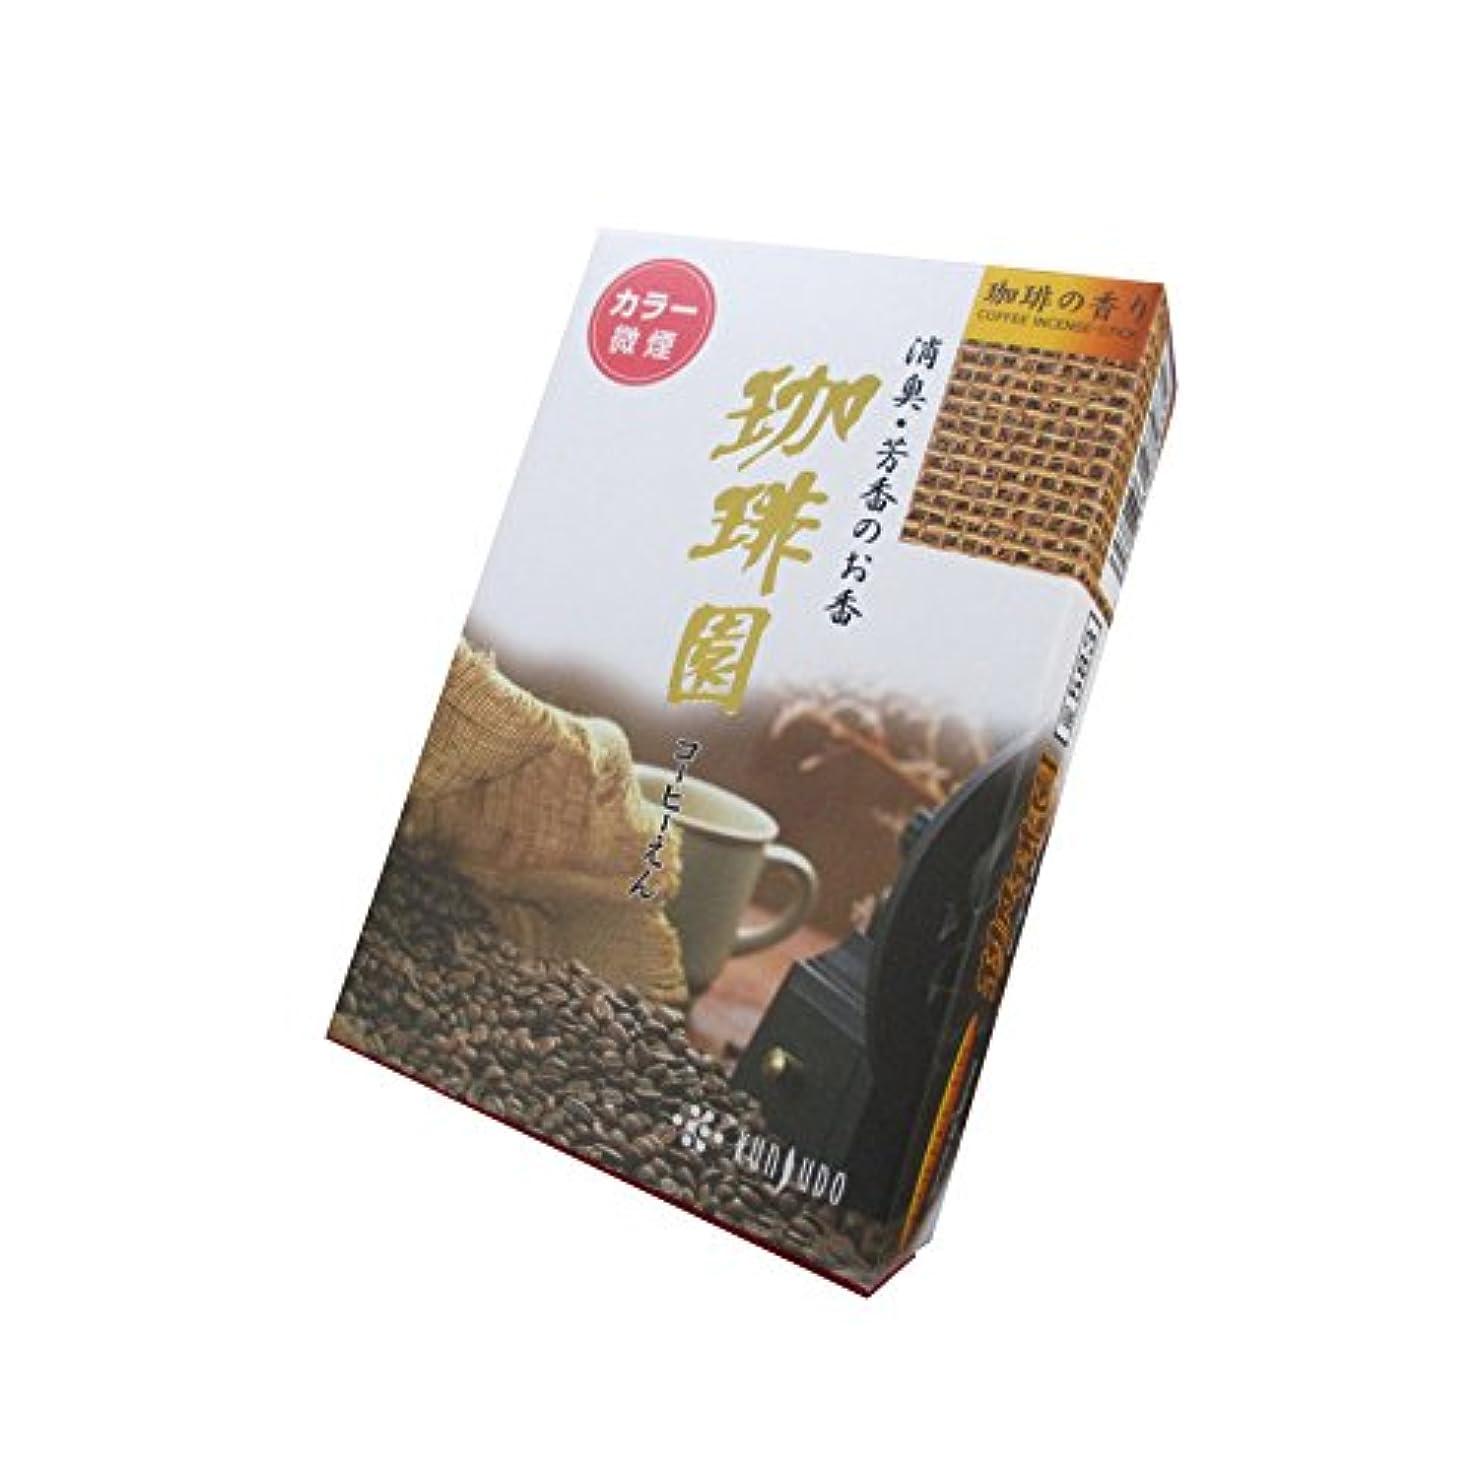 勃起威する葉を拾う薫寿堂のお線香 珈琲園 微煙 ミニ寸 #583